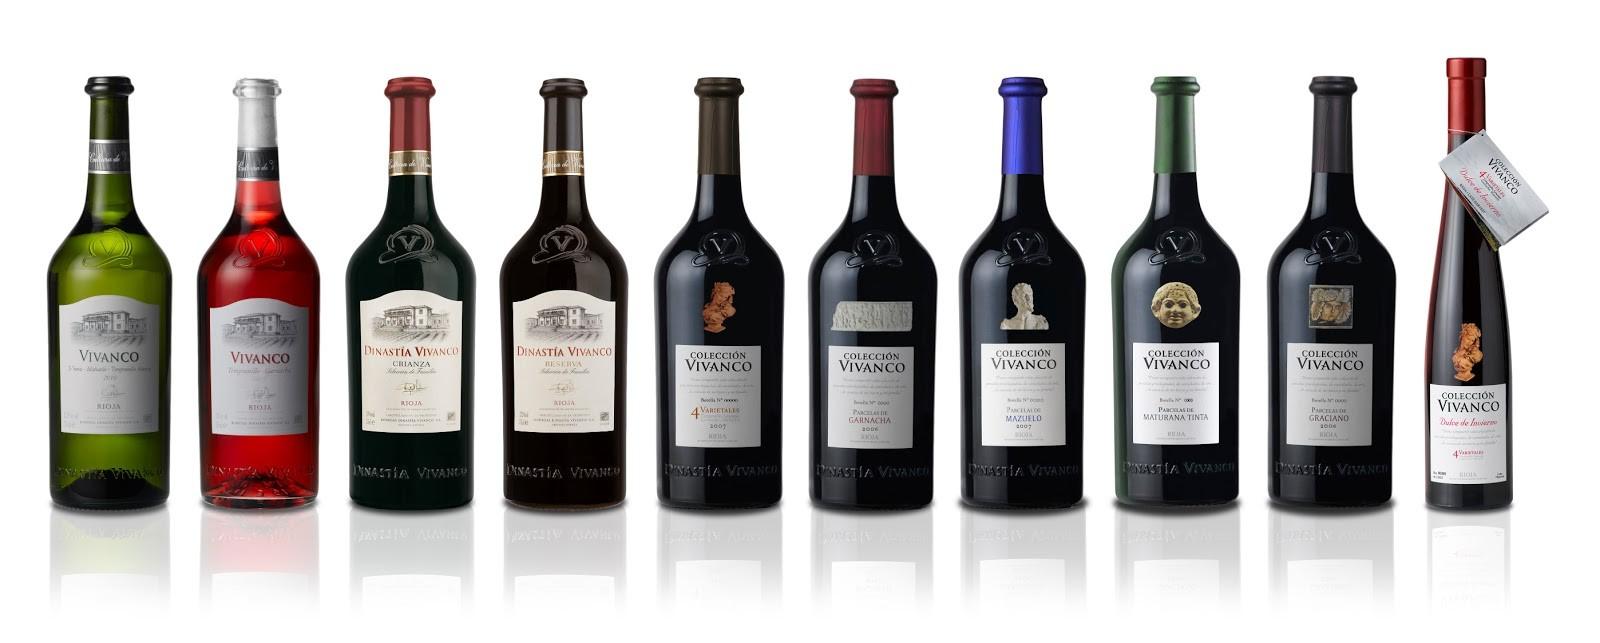 Vinos Dinastia Vivanco